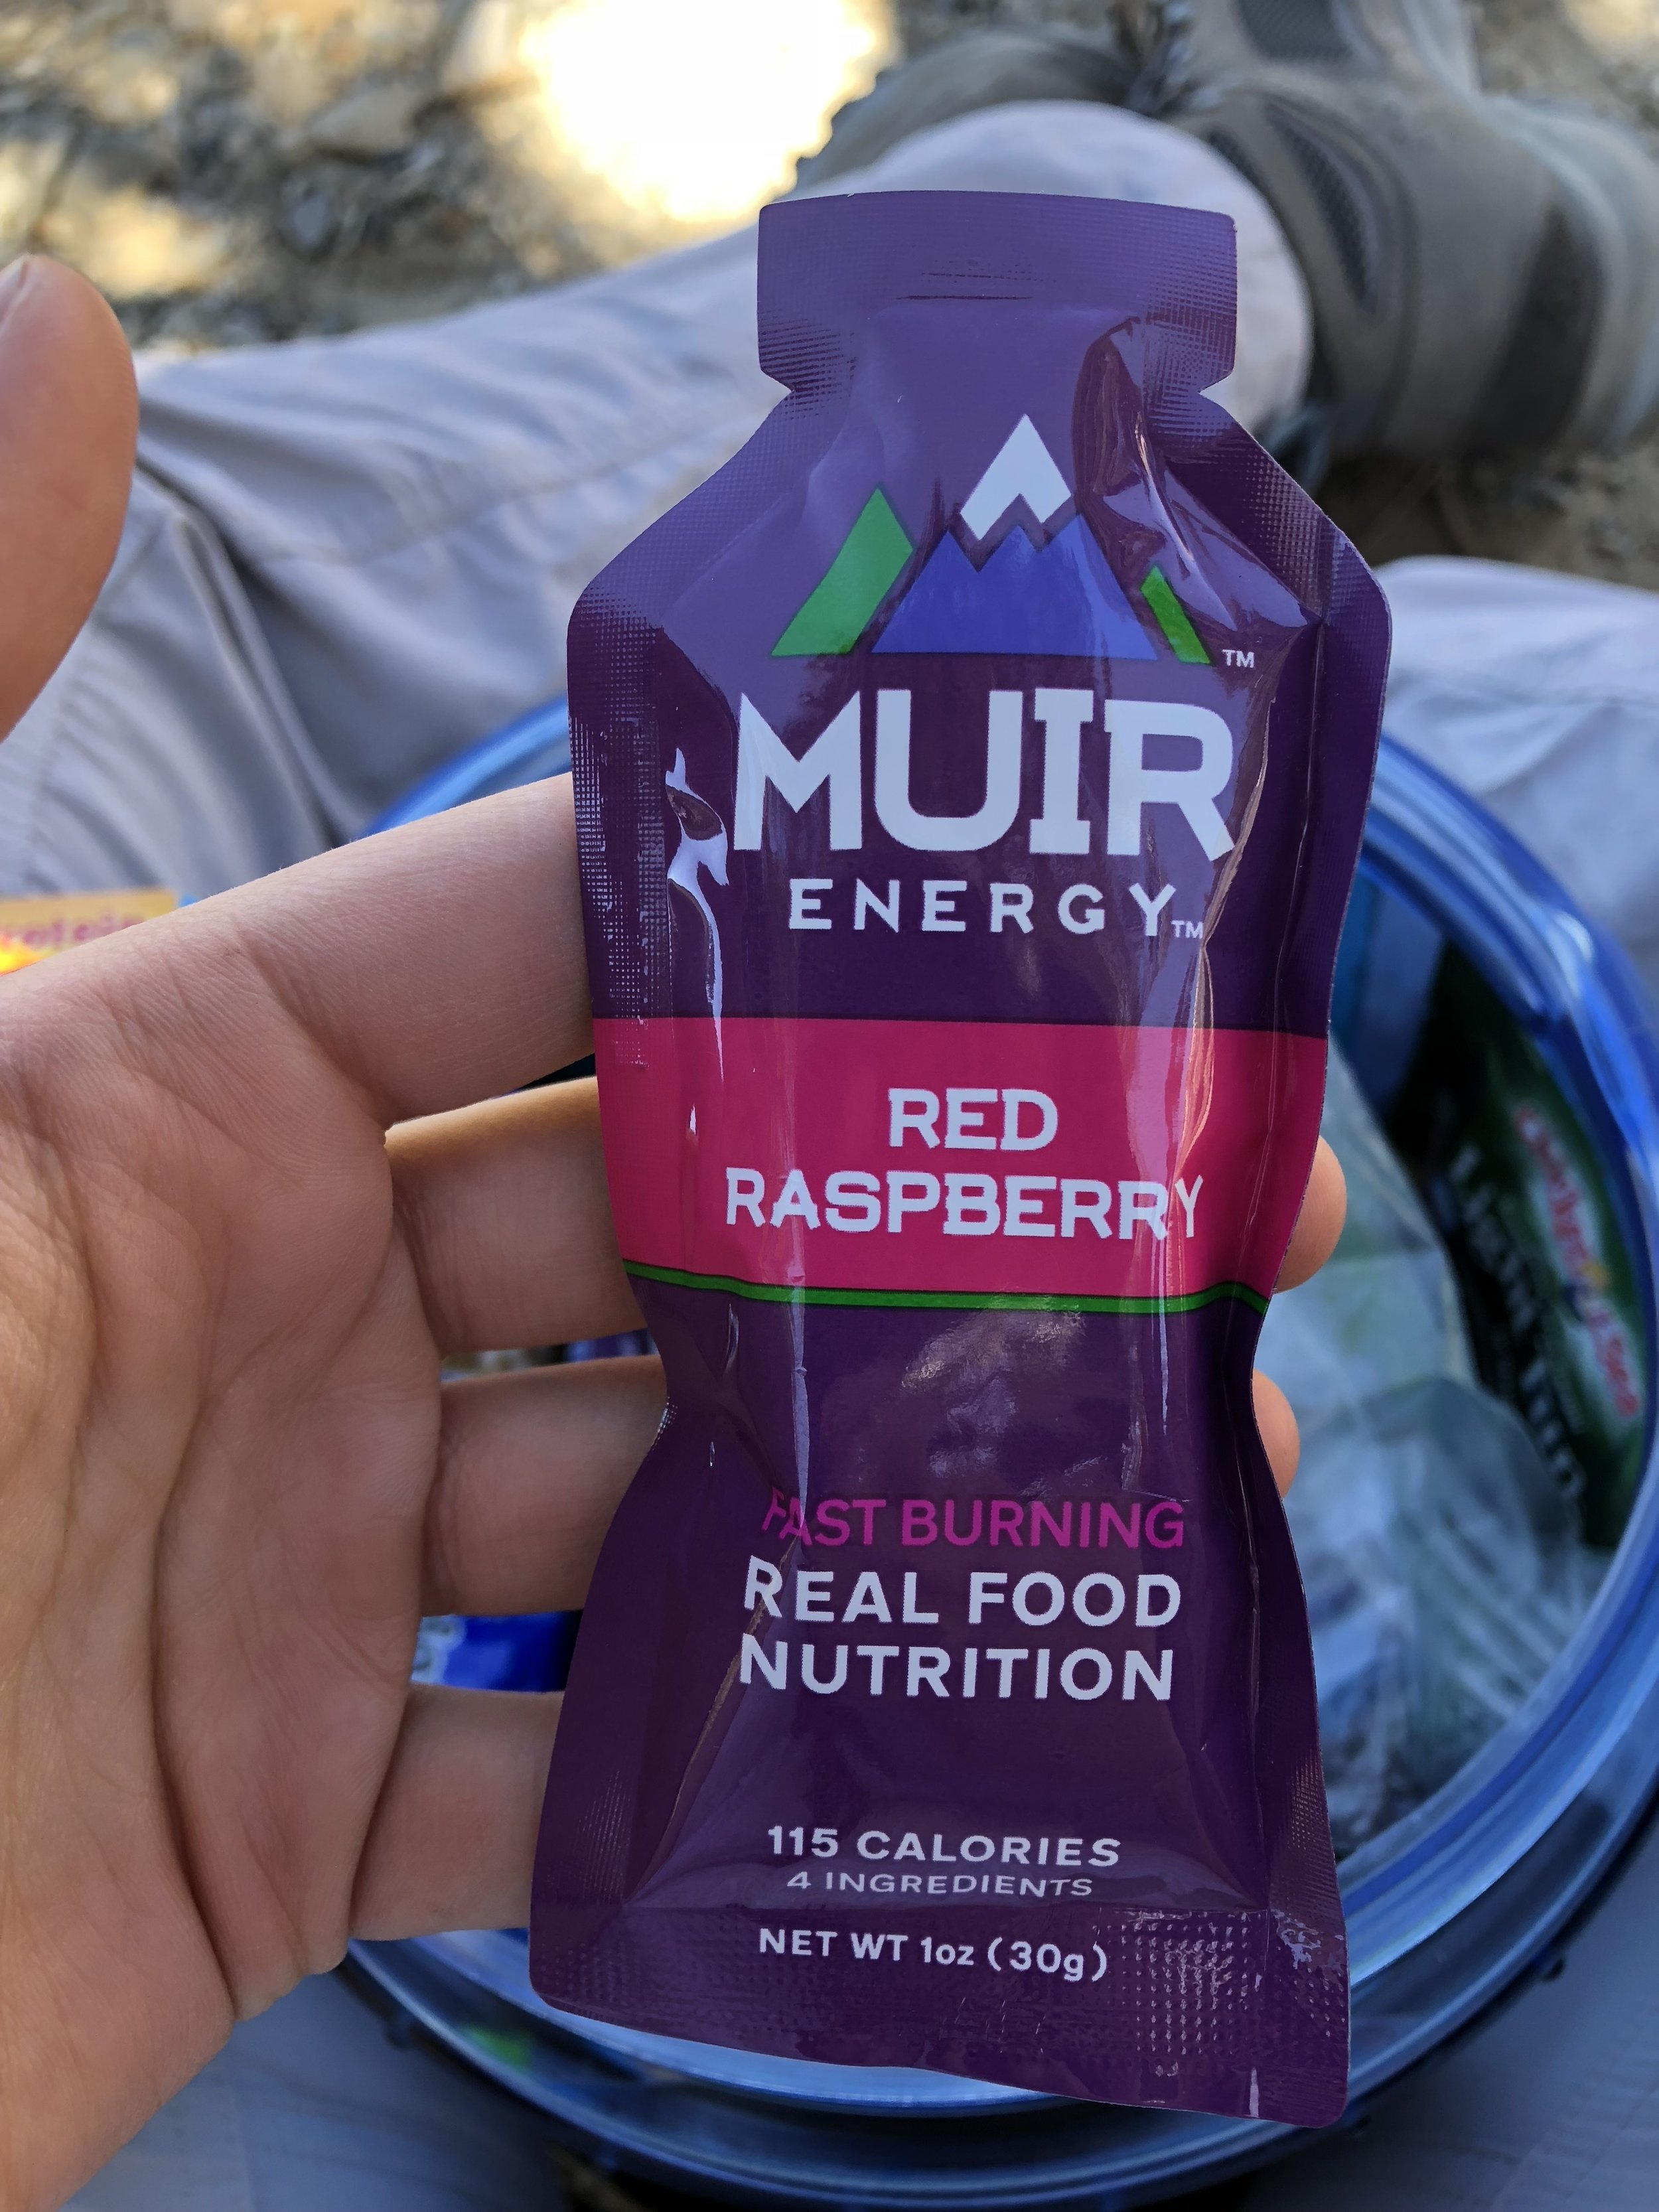 Muir Energy jam packet